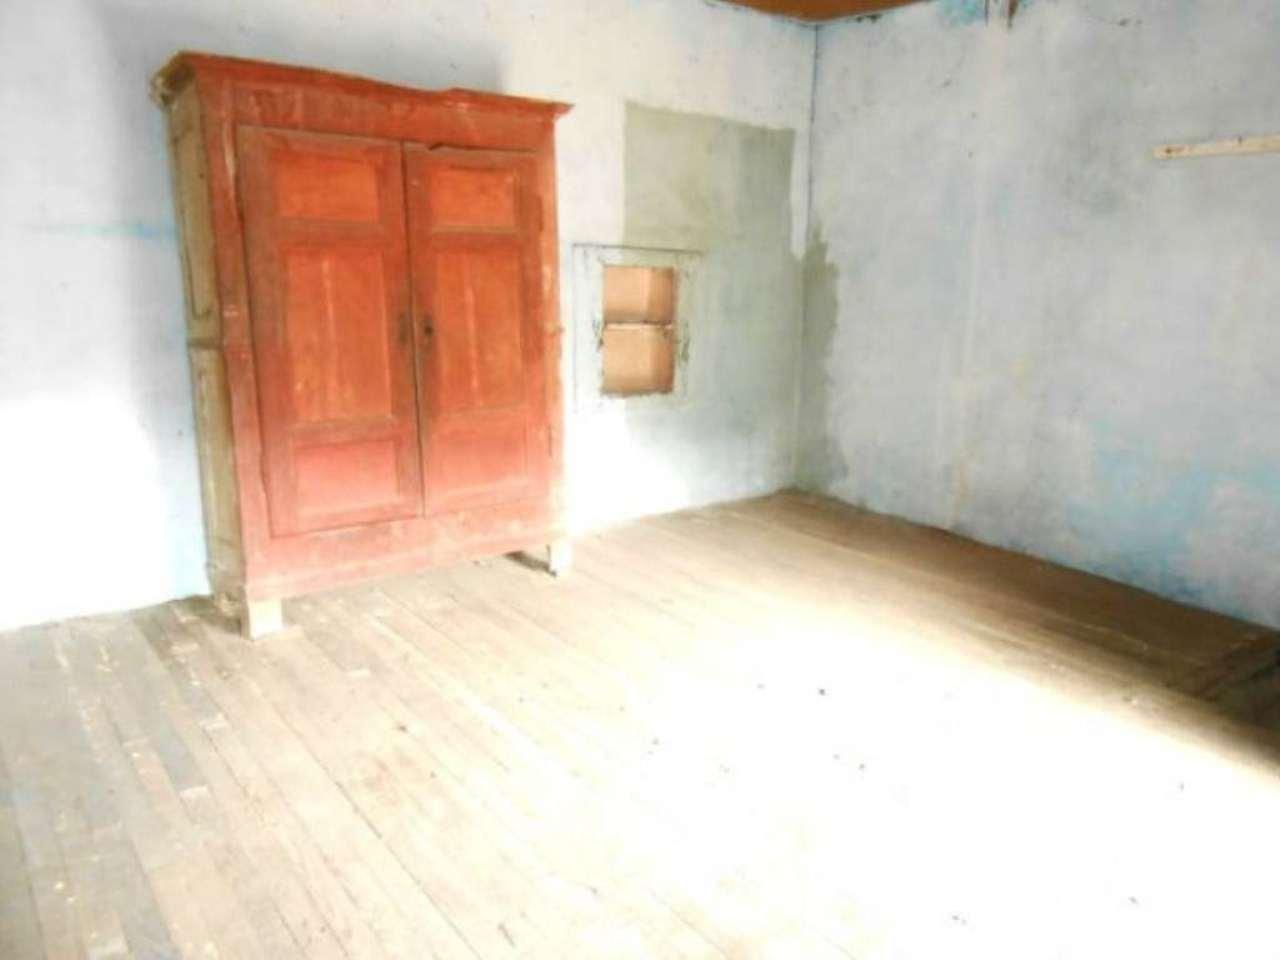 Rustico / Casale in vendita a Bagnolo Piemonte, 4 locali, prezzo € 9.500 | Cambio Casa.it